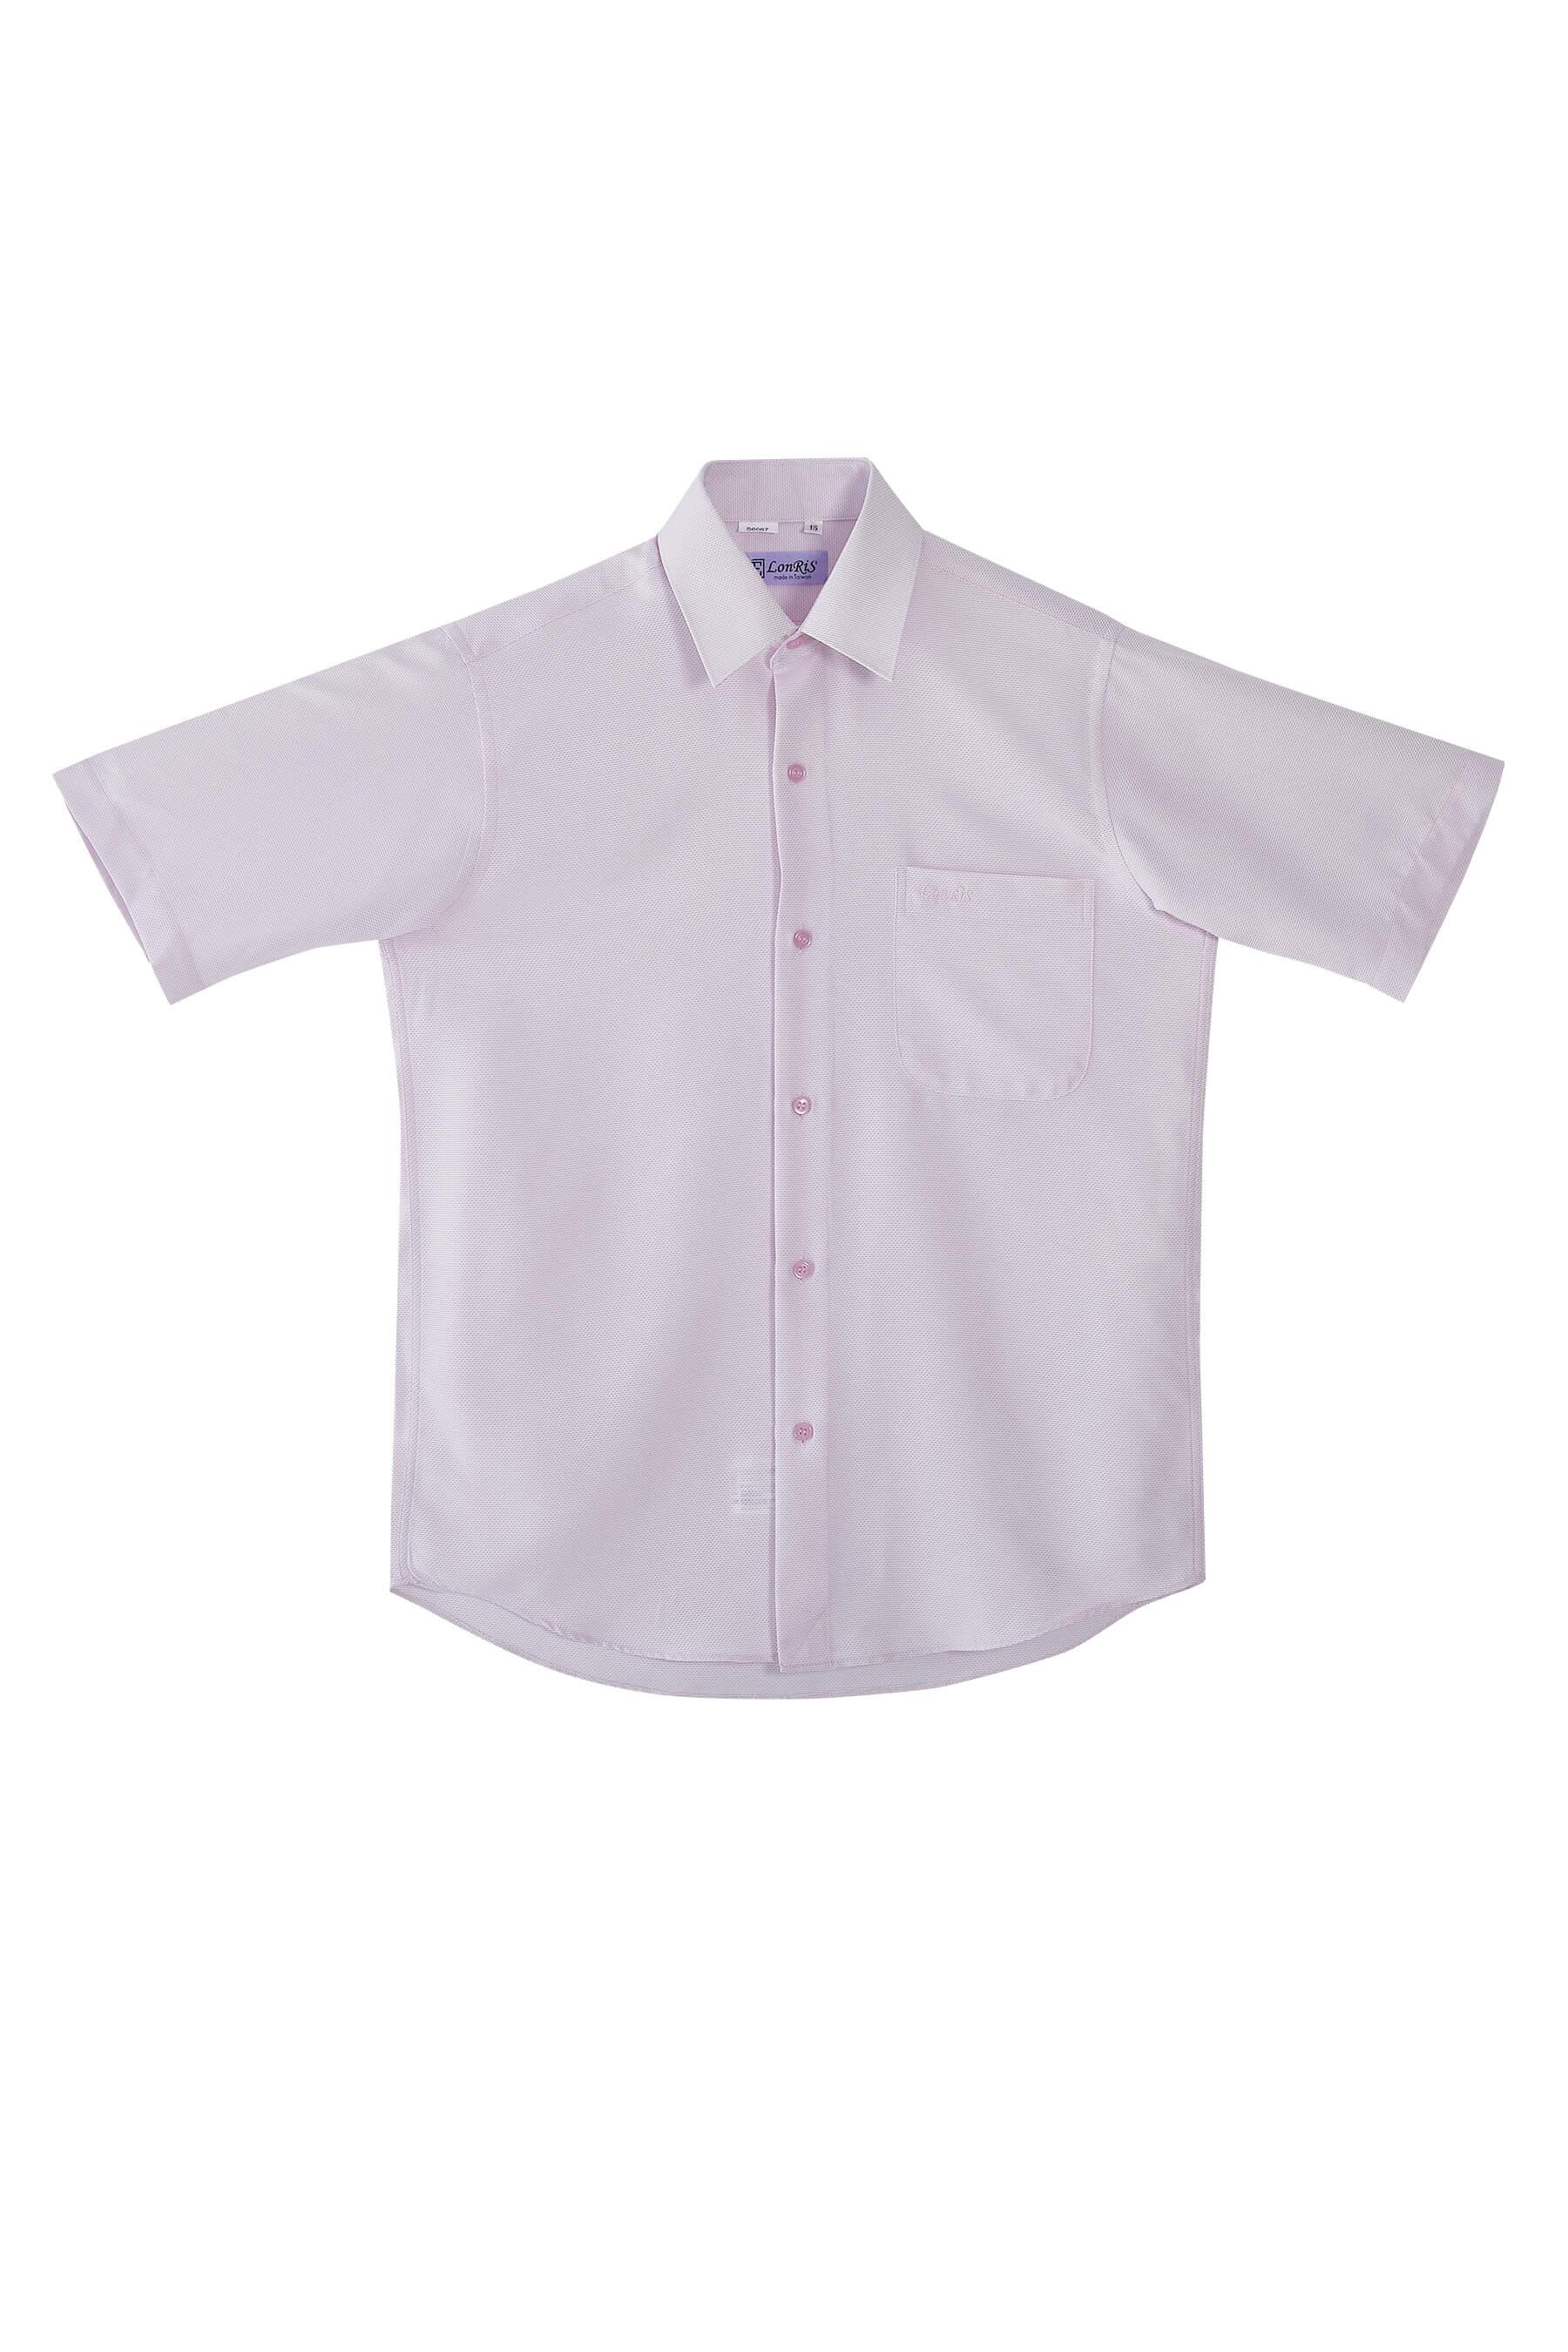 粉條白斜紋短袖襯衫/抗皺 吸濕排汗